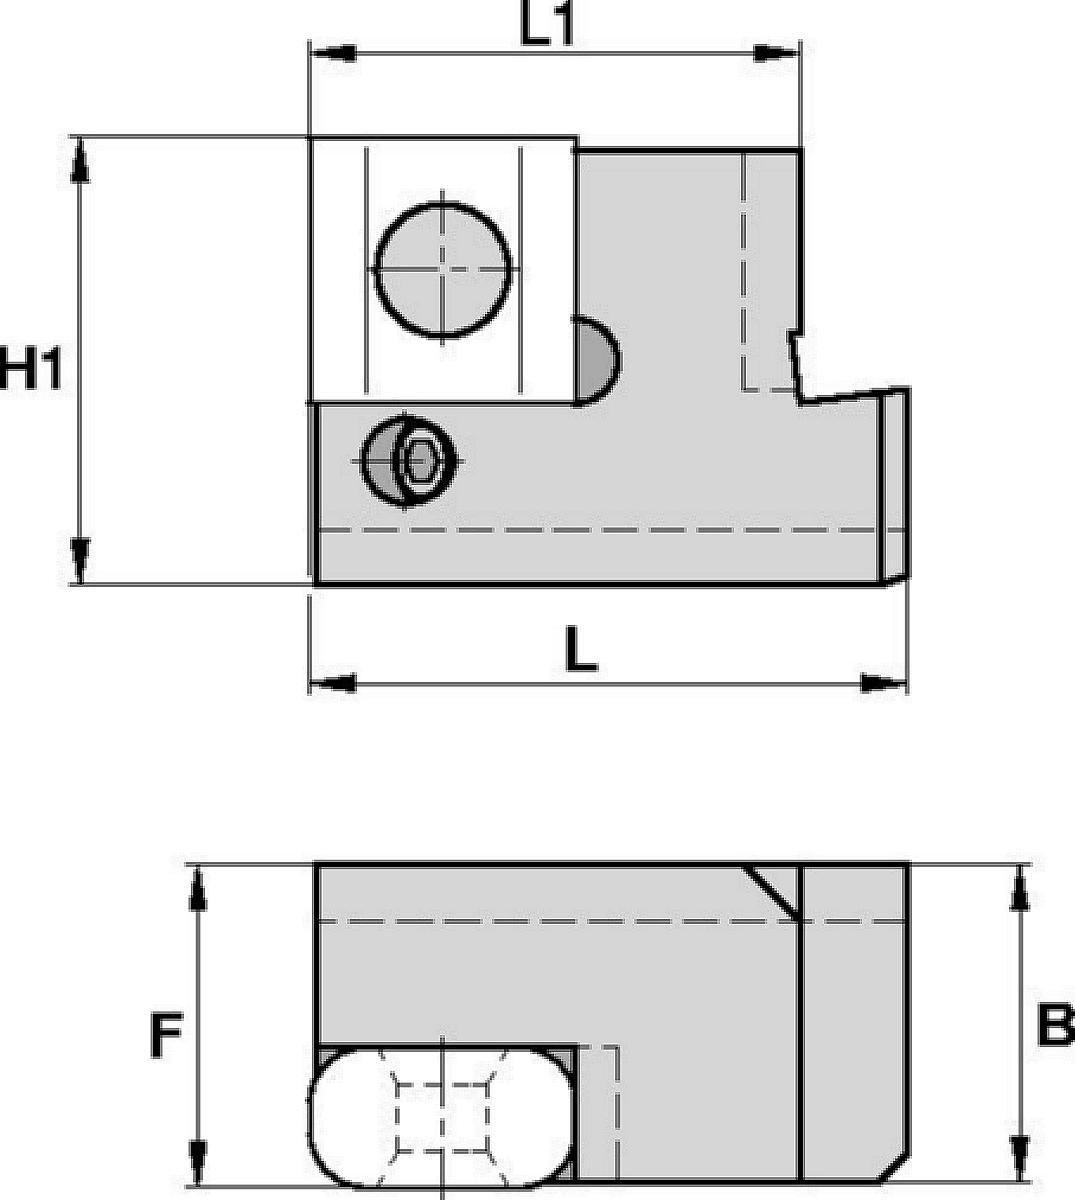 基本シャンクおよびカートリッジ • 輪軸の旋削加工